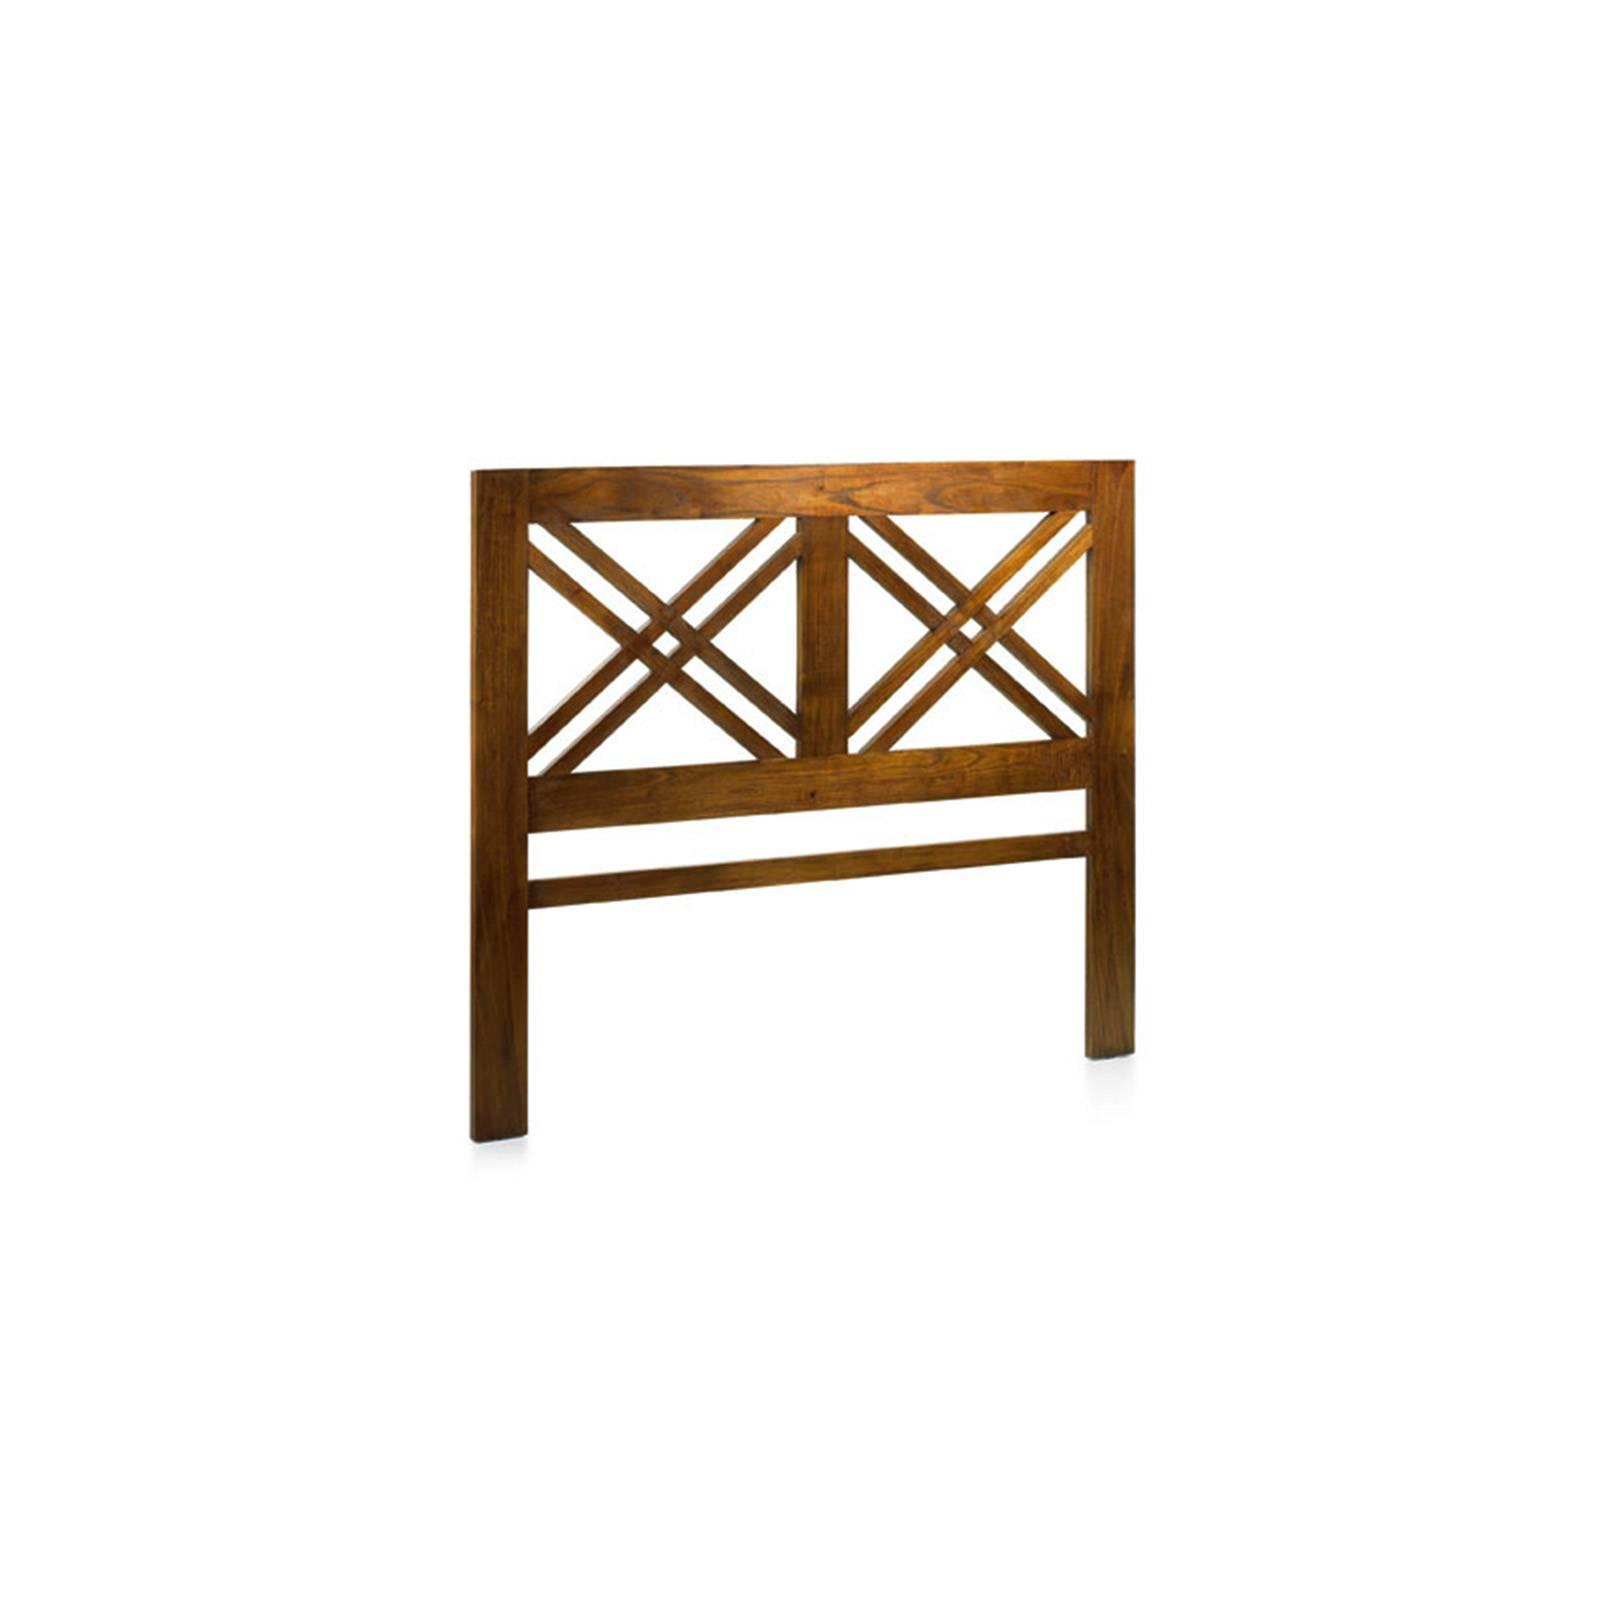 Tête De Lit Deux Personnes Croissillons Tali Mindy - meuble bois exotique